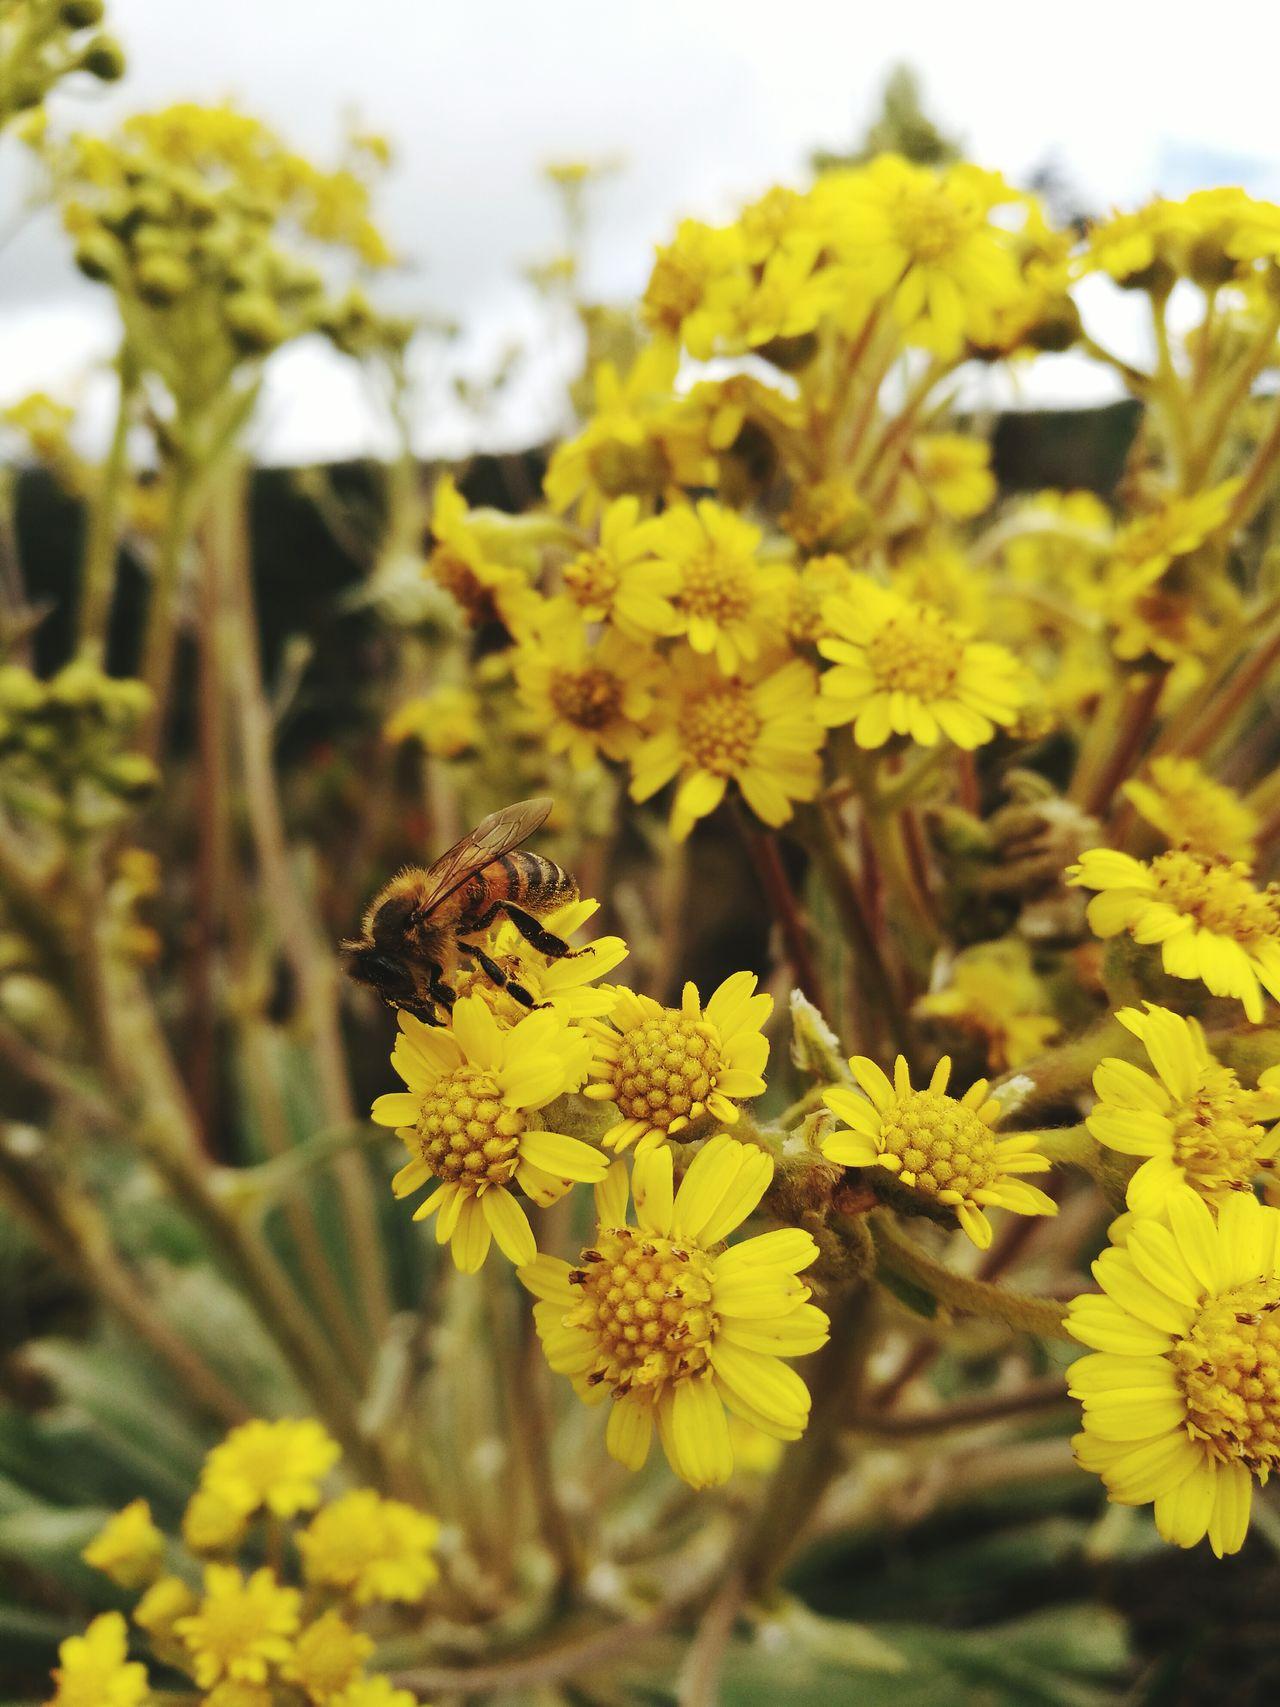 Colour Of Life Foto tomada a los alrededores de la laguna de Guatavita, cuna de la leyenda del dorado, ubicada en Cundinamarca, Colombia. En una parte del recorrido encontramos un monton de abejas recolectoras... un muy buen sitio para visitar en Colombia